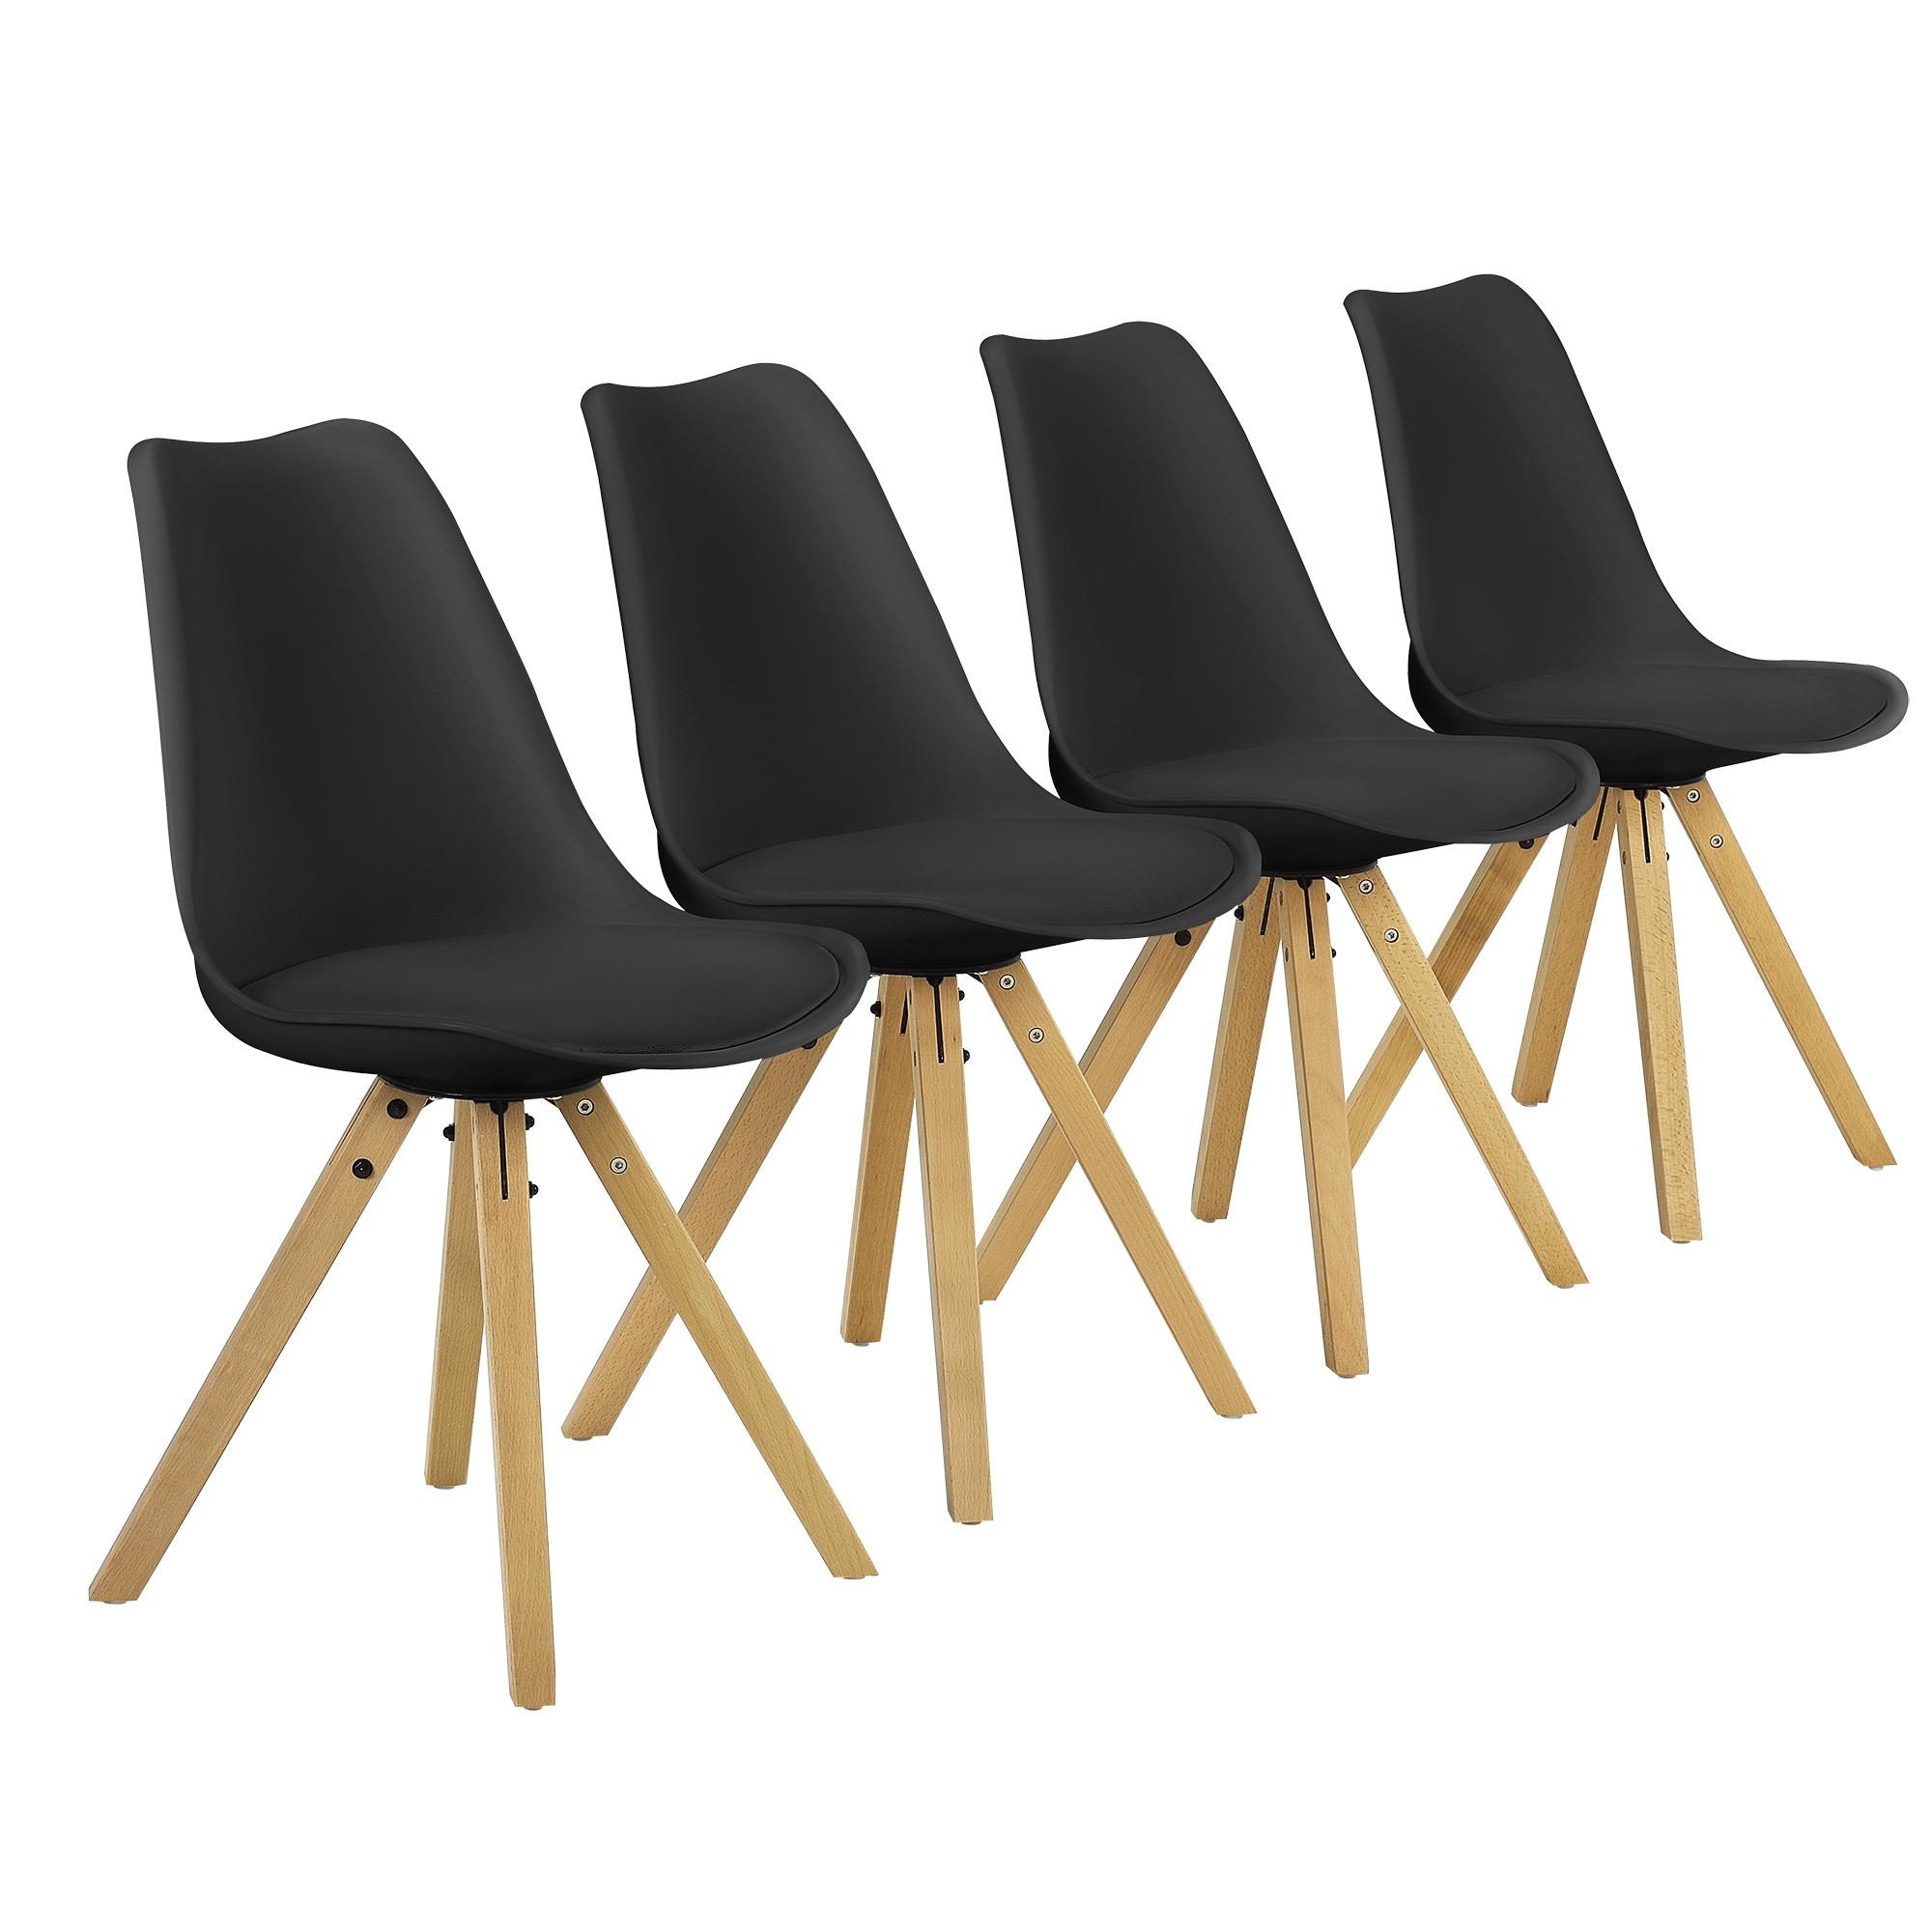 Esstisch Stühle Acryl ~ [encasa]® Esstisch 120x80cm mit Stühlen Küchentisch Esszimmer Tisch Essgrupp